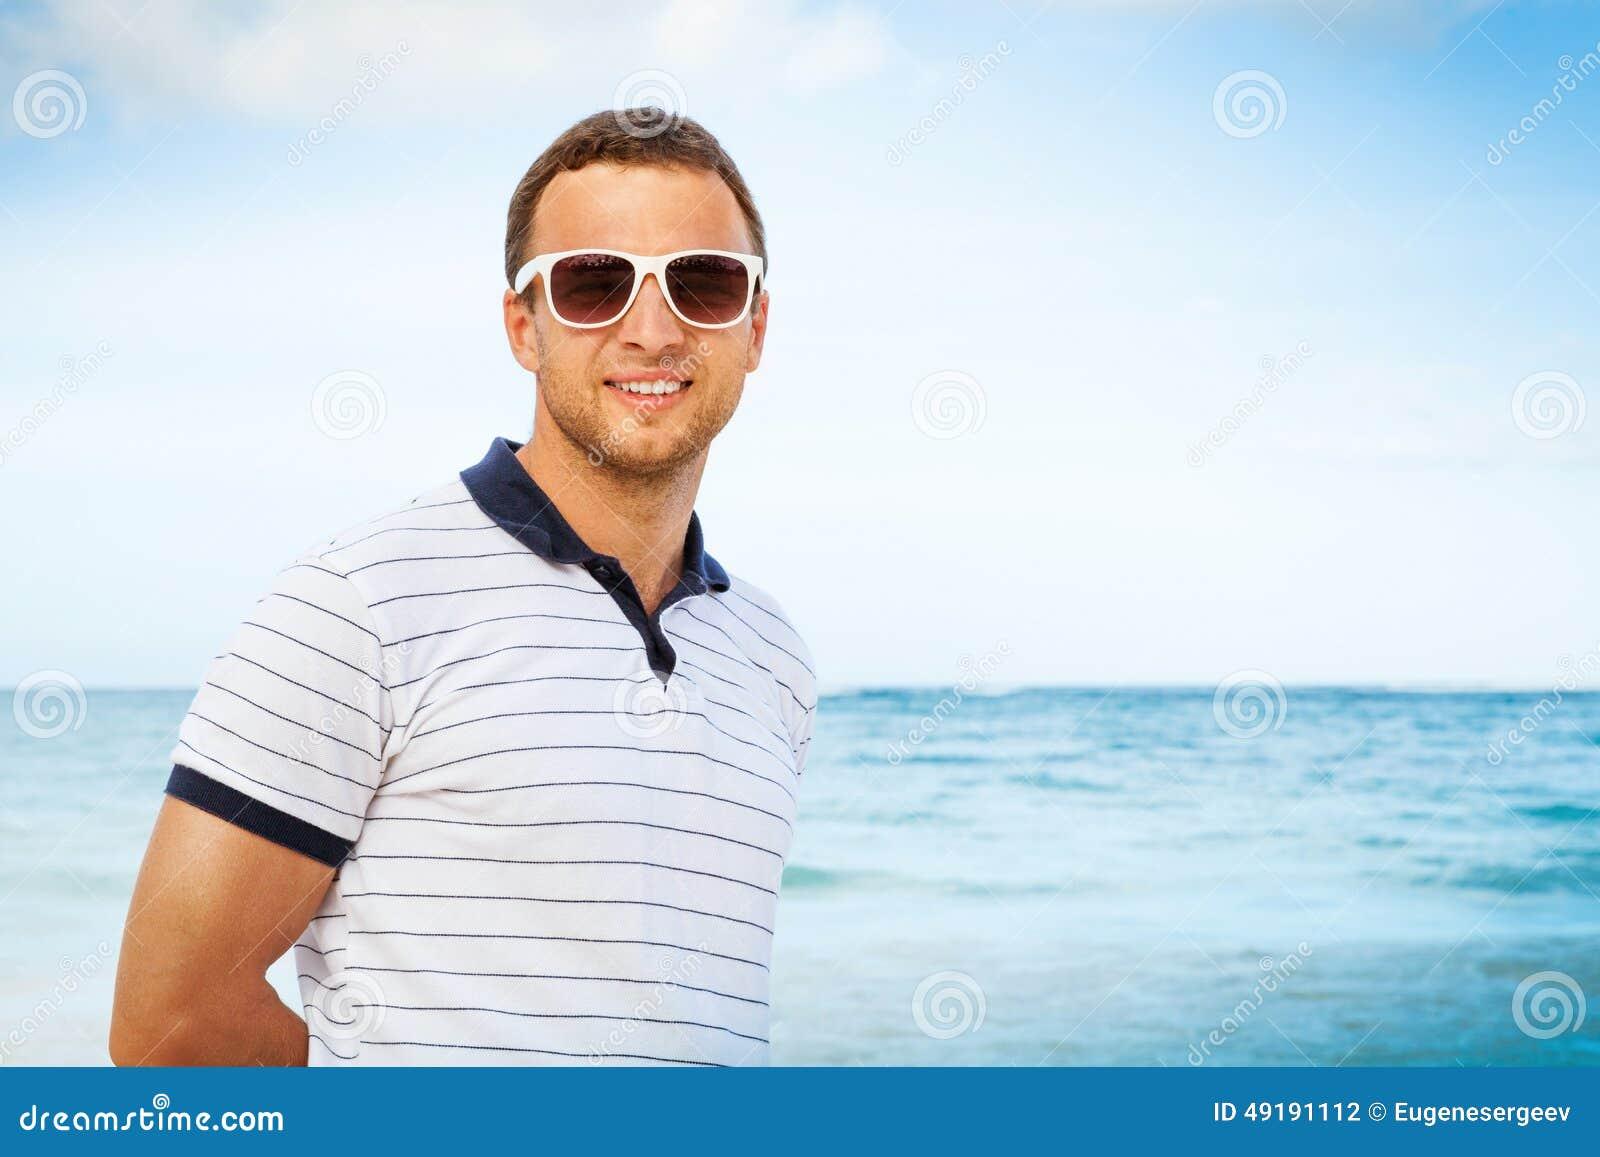 1d50e47cb Hombre Caucásico En Las Gafas De Sol Blancas En Costa De Mar Foto de ...